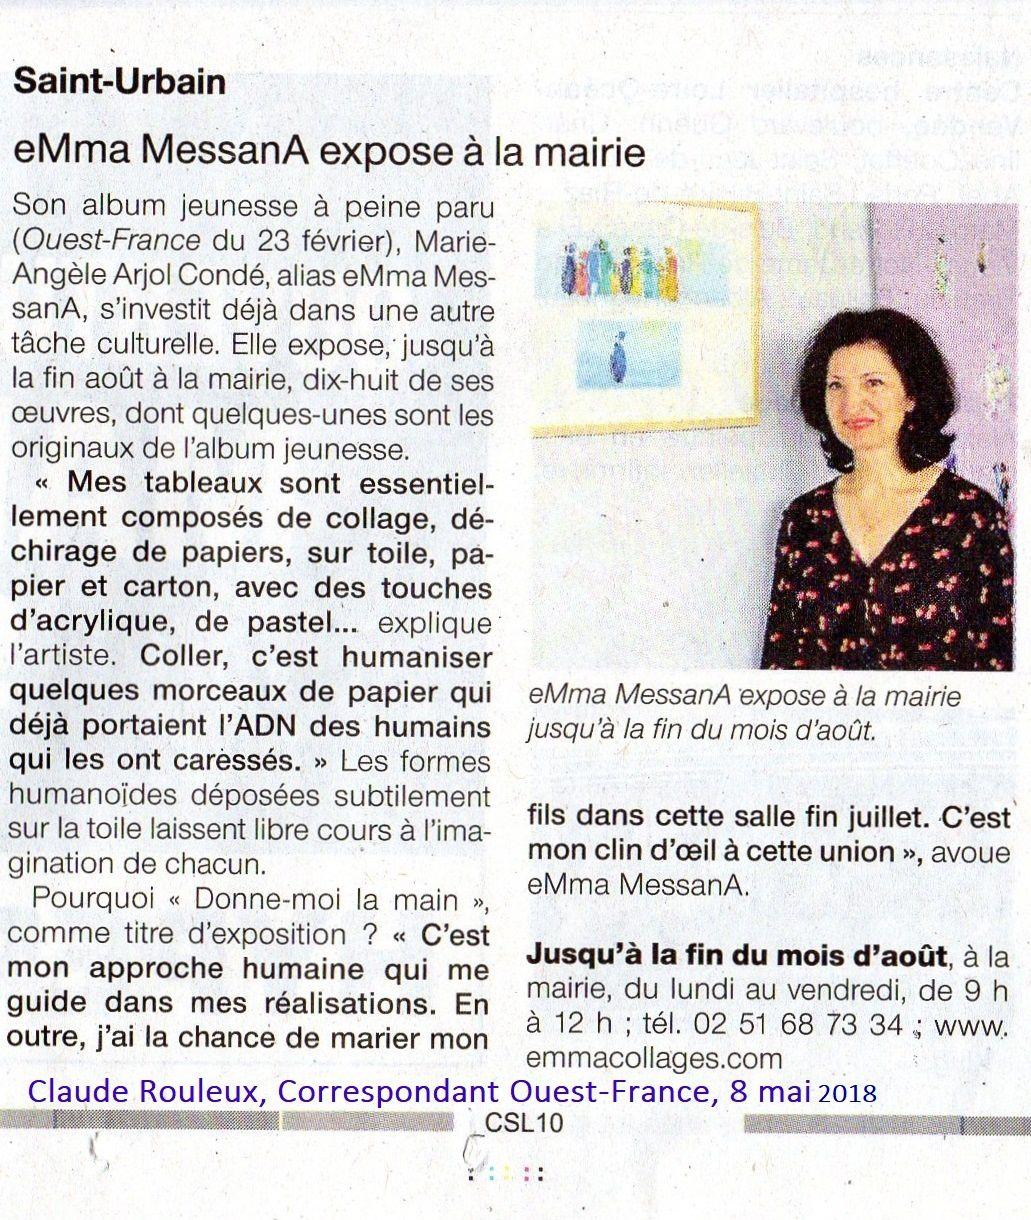 Un clic sur l'image pour mieux visualiser. Article Claude Rouleux, Ouest-France 8 mai 2018. Expo collages eMmA MessanA jusqu'au 31 août 2018